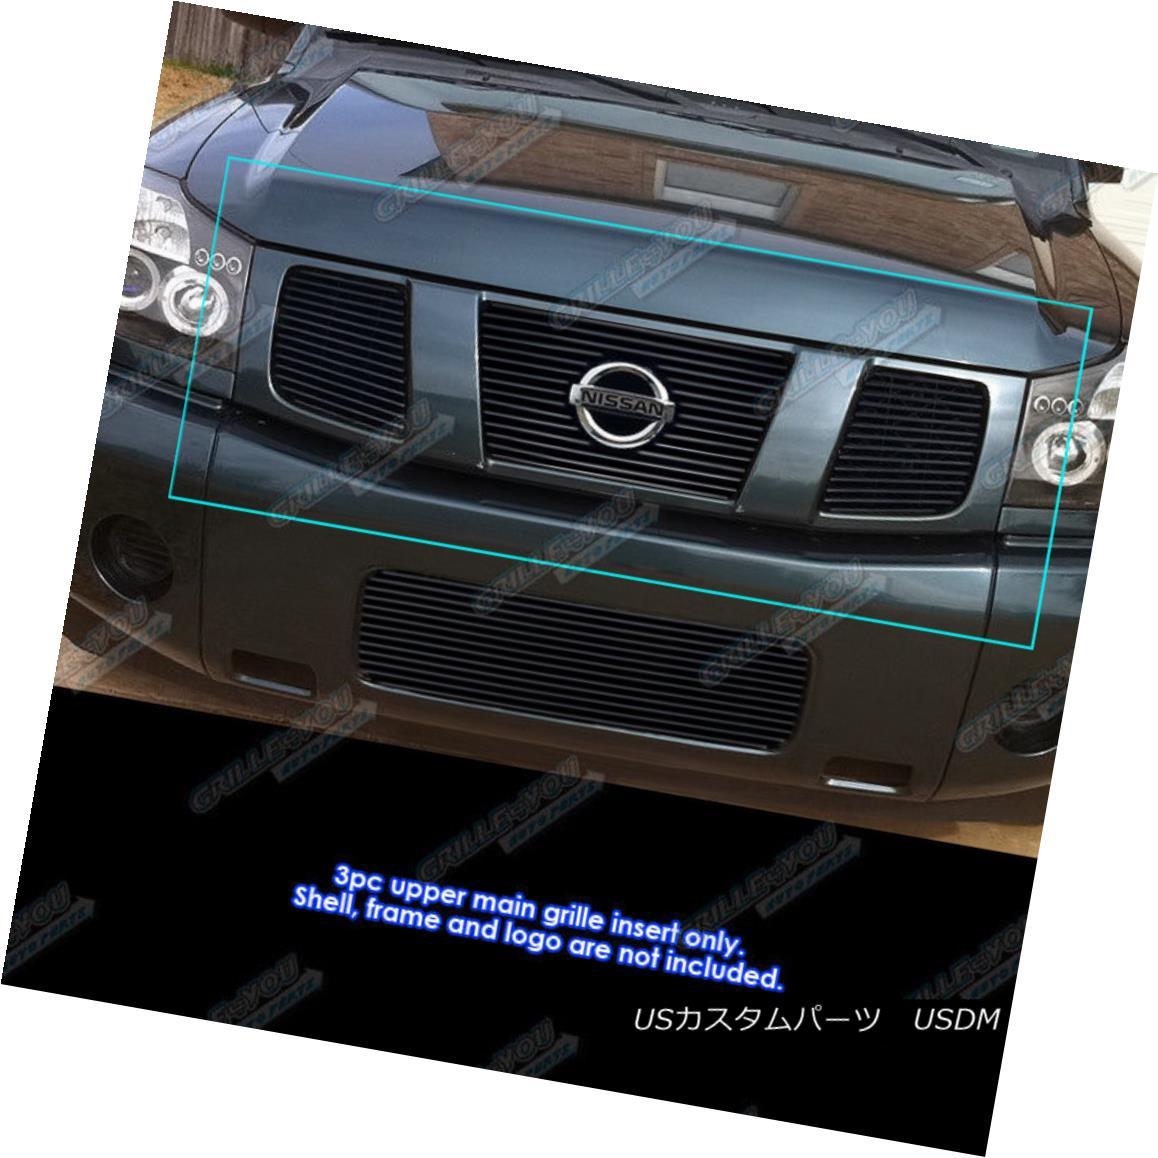 グリル Fits 2004-2007 Nissan Titan/Armada Black Billet Grille Insert 2004-2007 Nissan Titan / Armada Black Billet Grilleインサートに適合